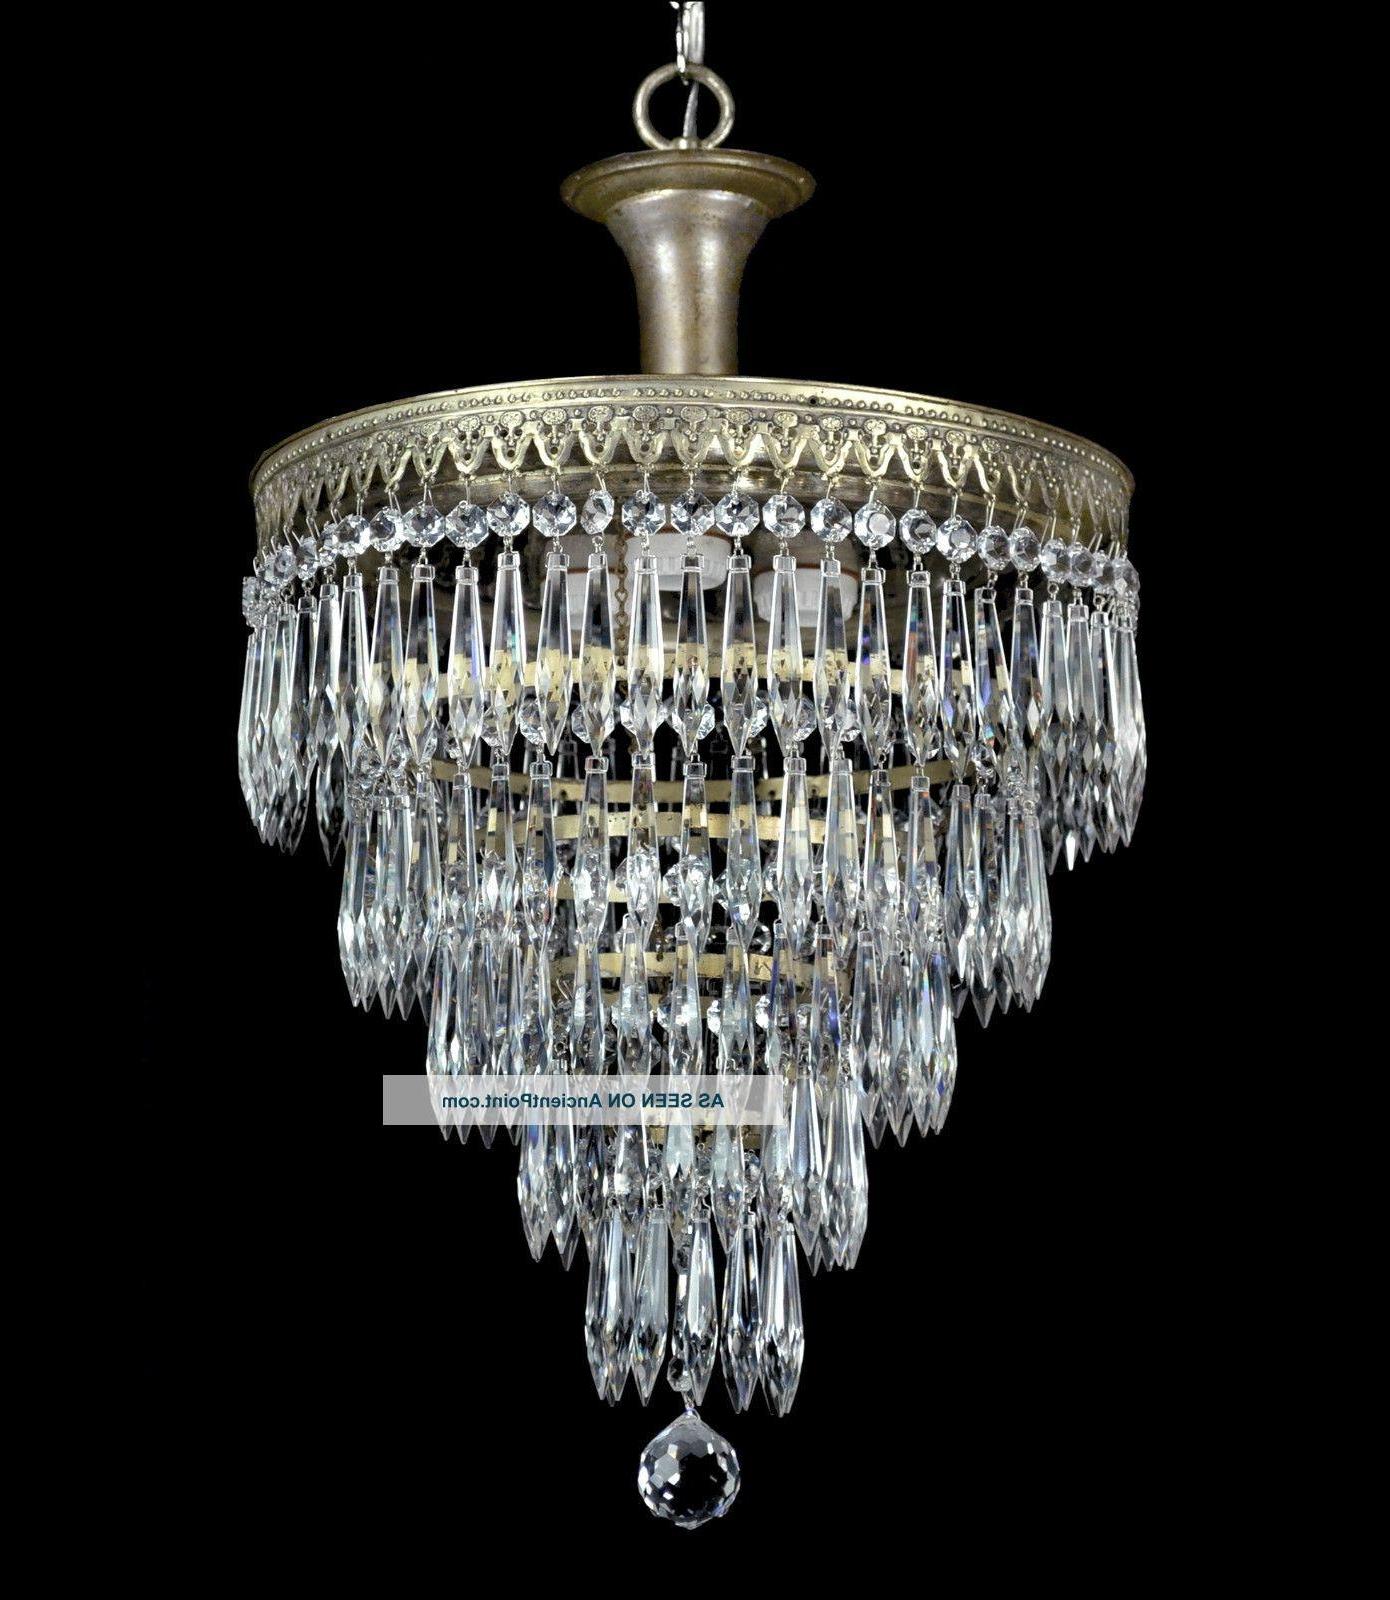 Well Known Chandeliers : Art Deco Chandelier Inspirational Vintage Wedding Cake Regarding Art Deco Chandeliers (View 20 of 20)